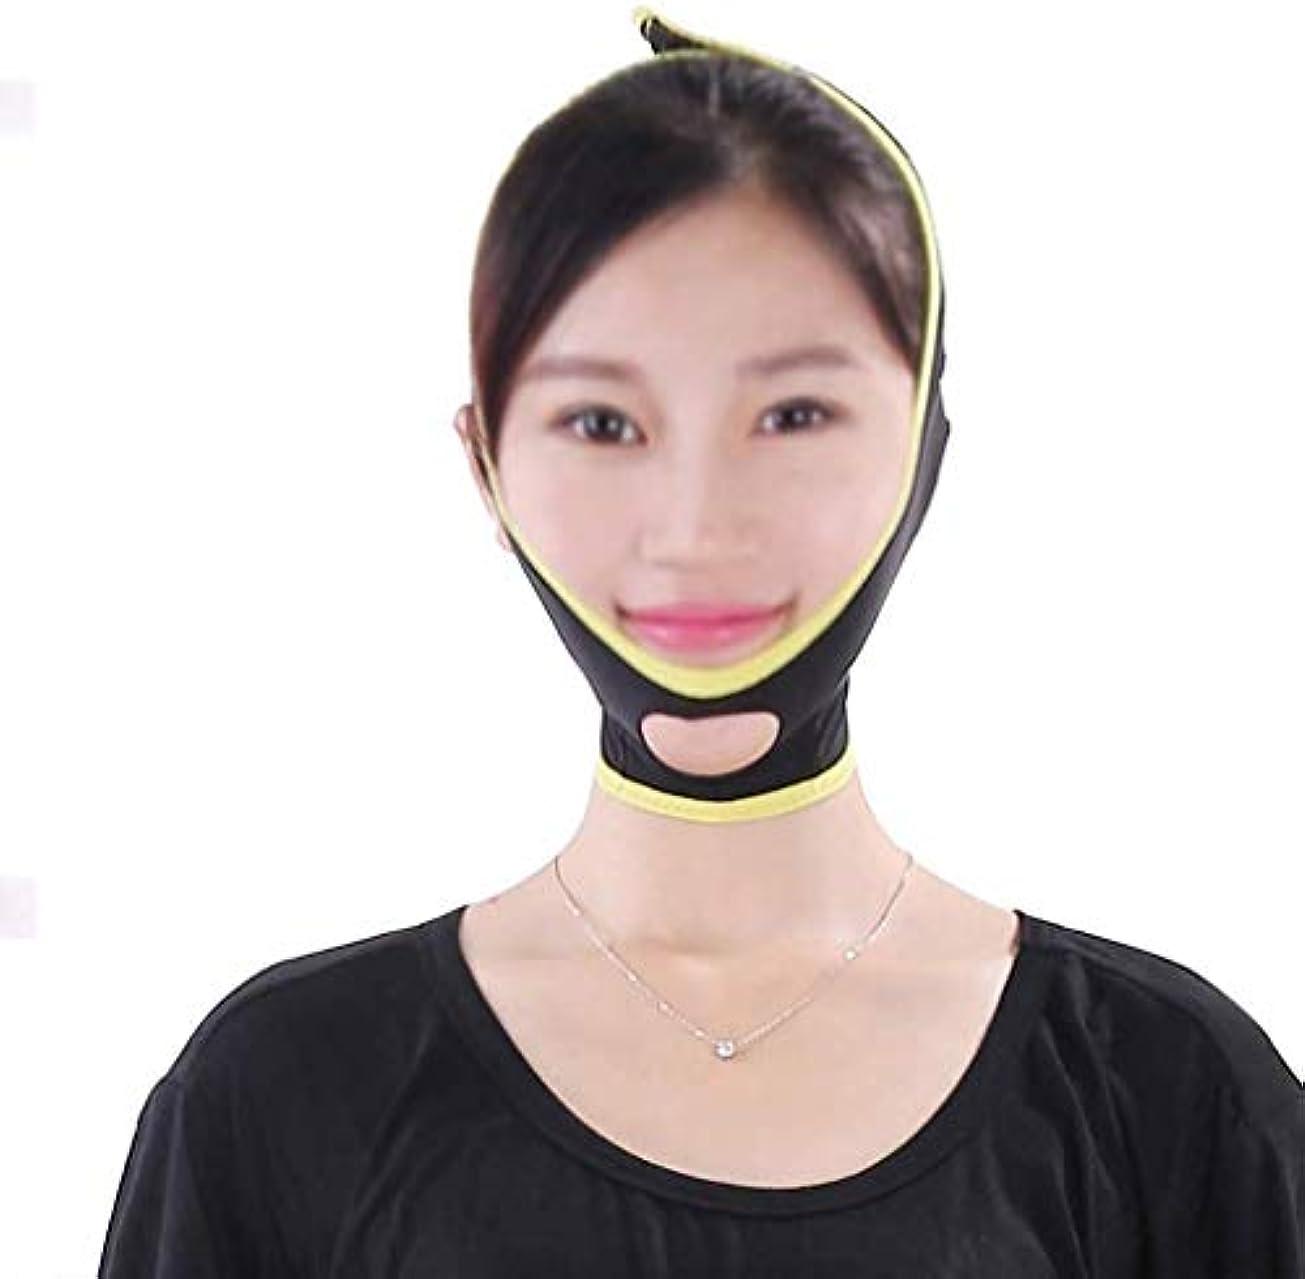 フォークきしむ誤解する美しさと実用的なフェイシャルマスク、男性と女性の顔リフティングアーティファクト包帯美容リフティング引き締めサイズV顔ダブルチン睡眠マスク埋め込みシルク彫刻Slim身ベルト(サイズ:L)